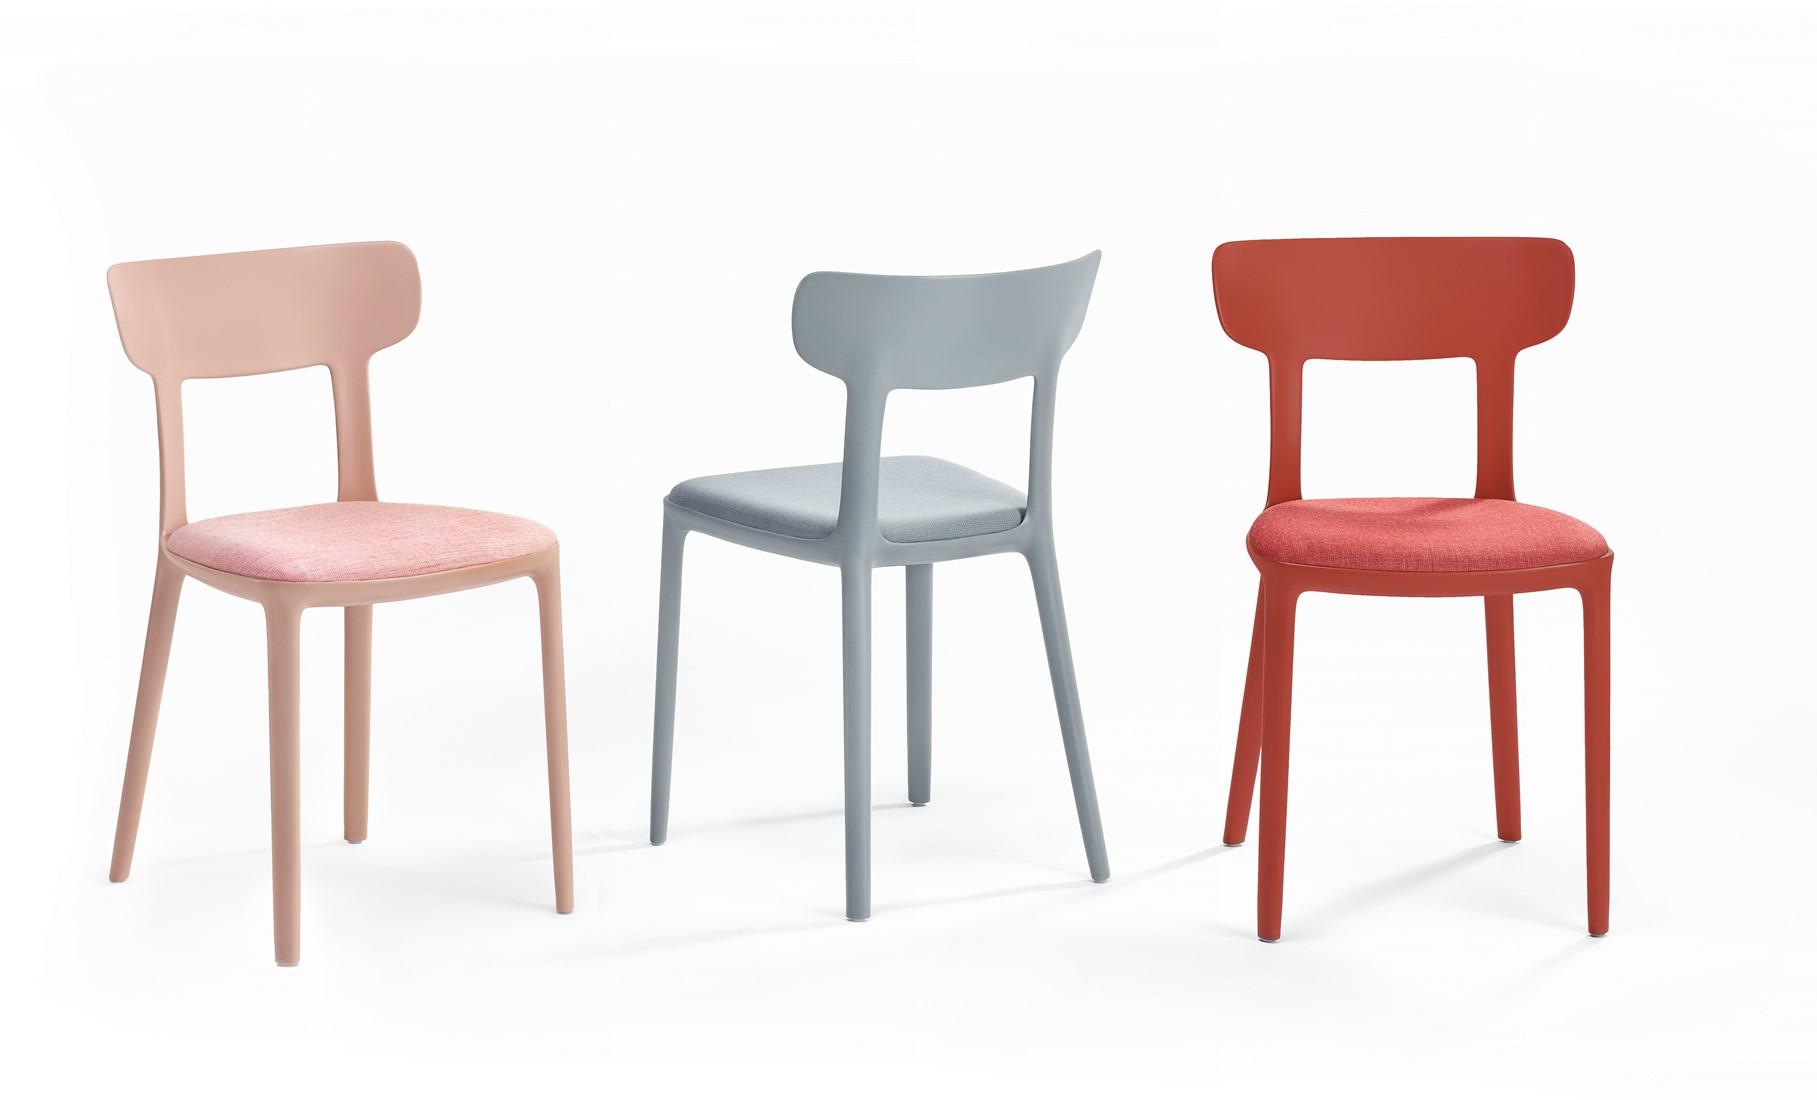 Design Stoel Klassieker : Canova kunststof design stoel met ronde vormen en een